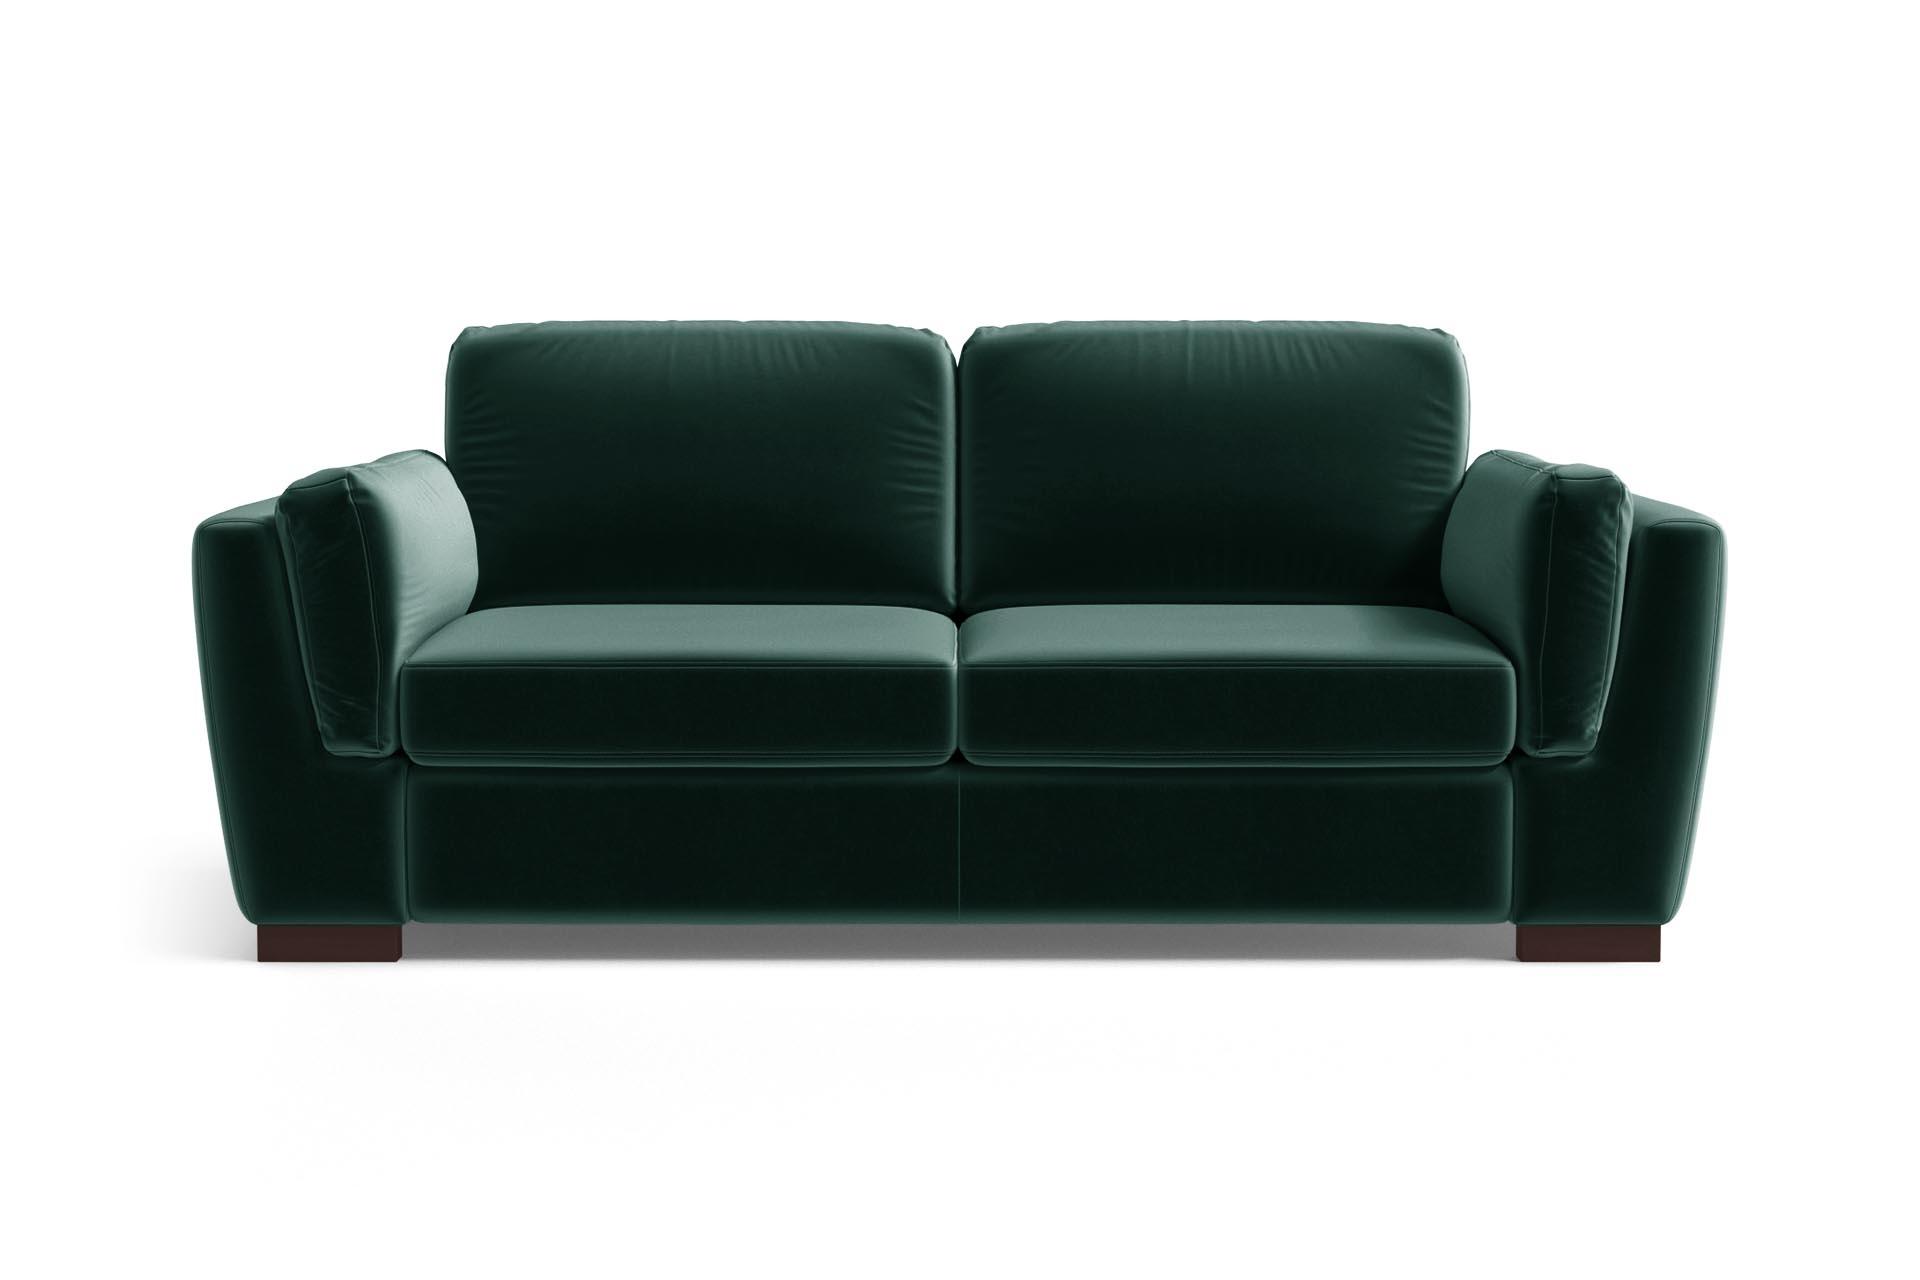 Canapé 2 places en velours vert bouteille